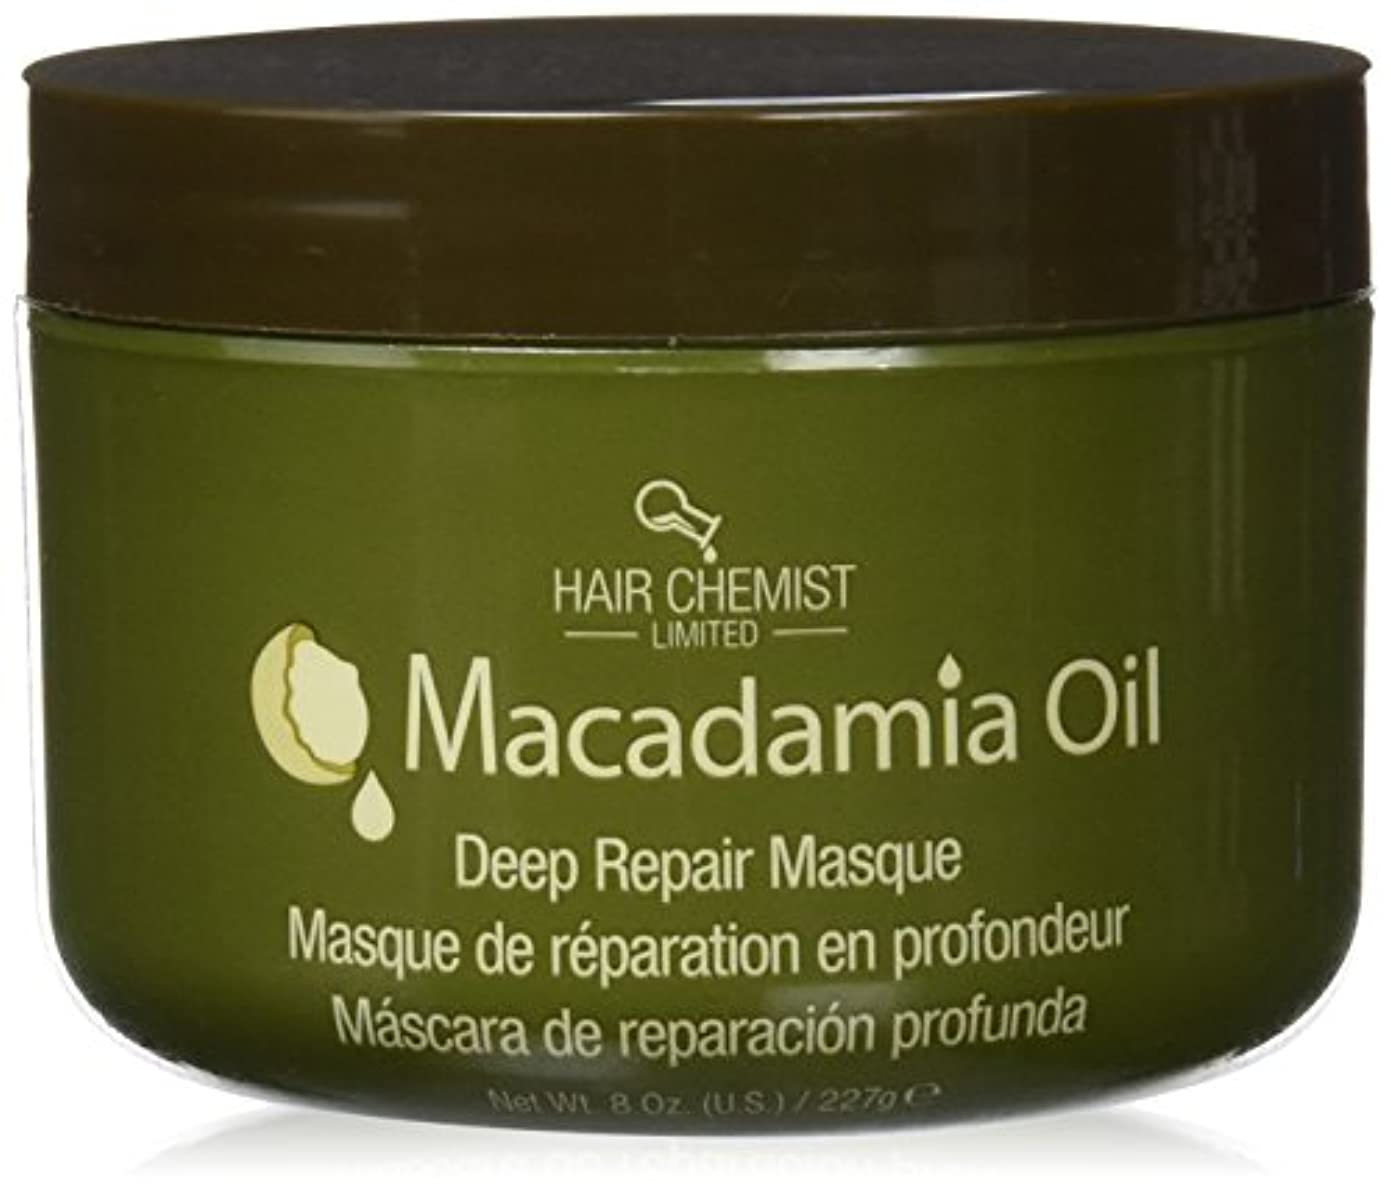 嵐男らしさ代表するHair Chemist ヘアマスク マカダミア オイル ディープリペアマスク 227g Macadamia Oil Deep Repair Mask 1434 New York